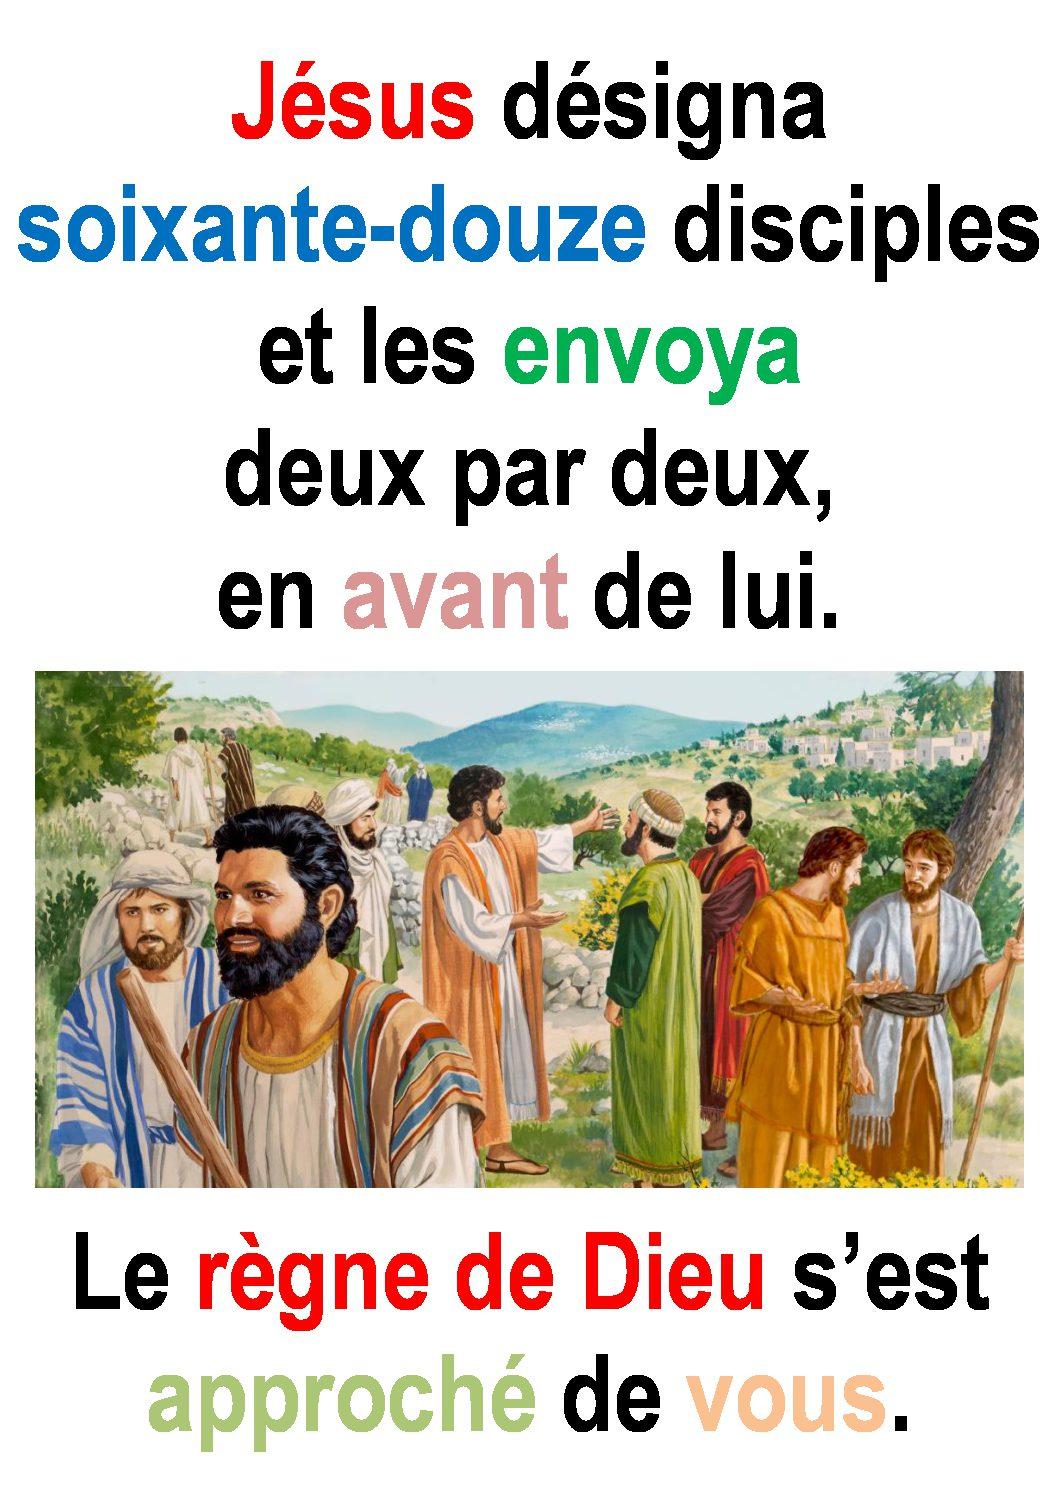 14ième Dimanche du Temps Ordinaire  (Luc 10, 1-12.17-20 ) : «Le règne de Dieu s'est approché de vous.» (Francis Cousin)